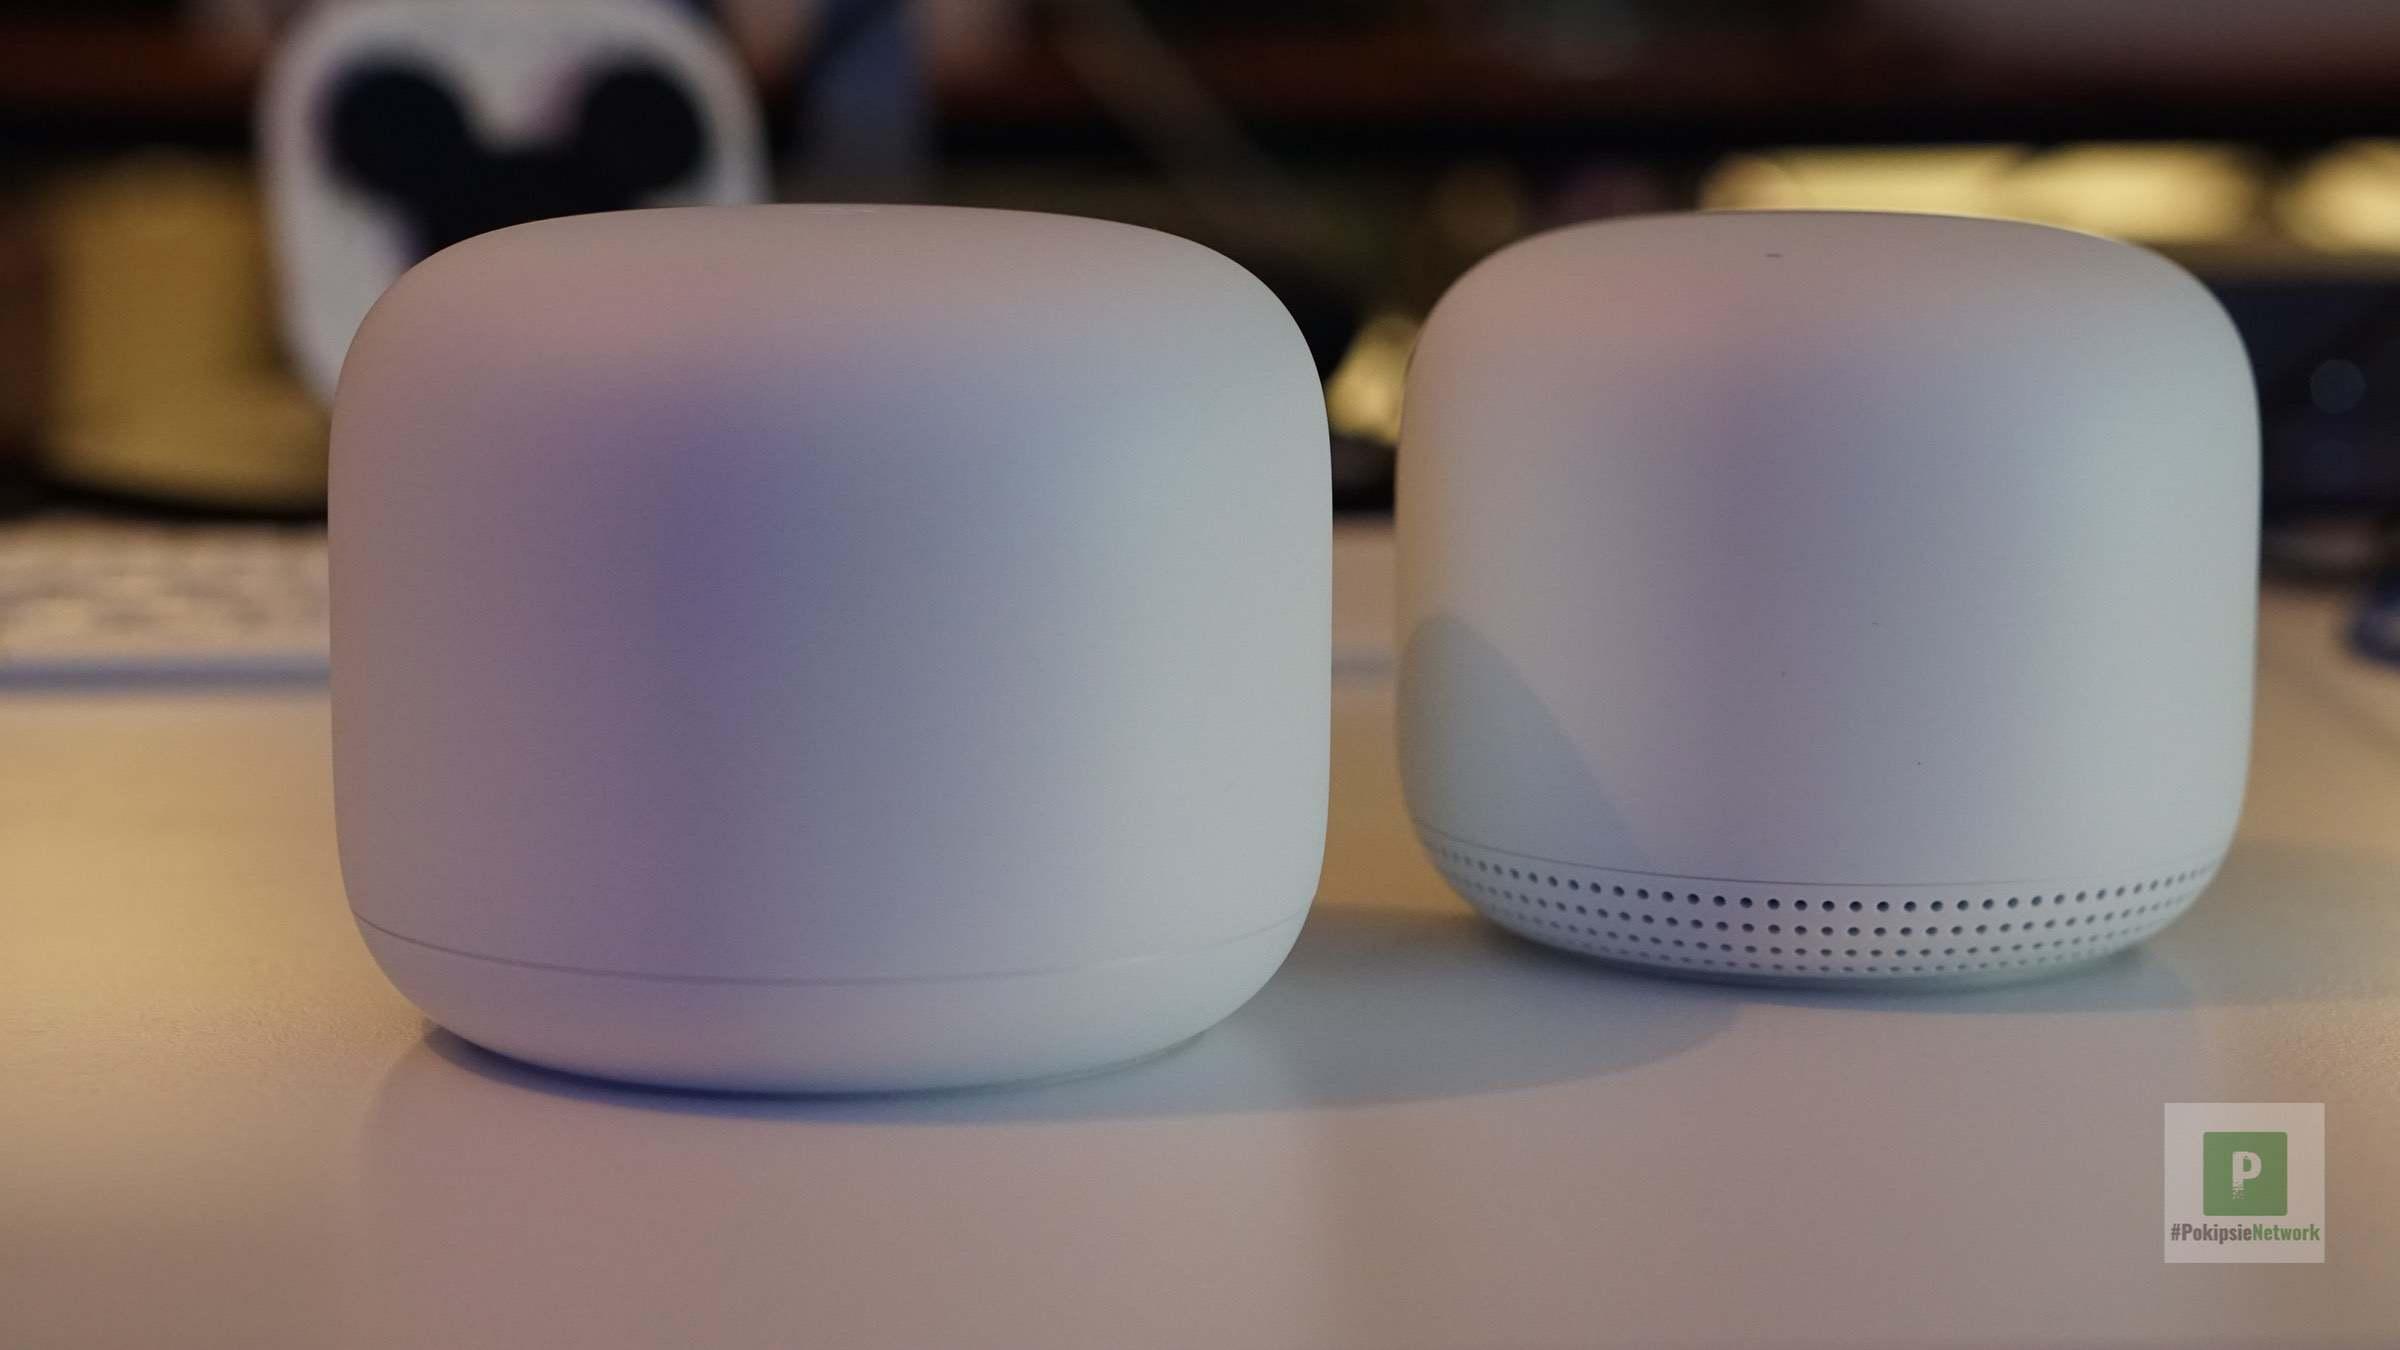 Die beiden Gadgets